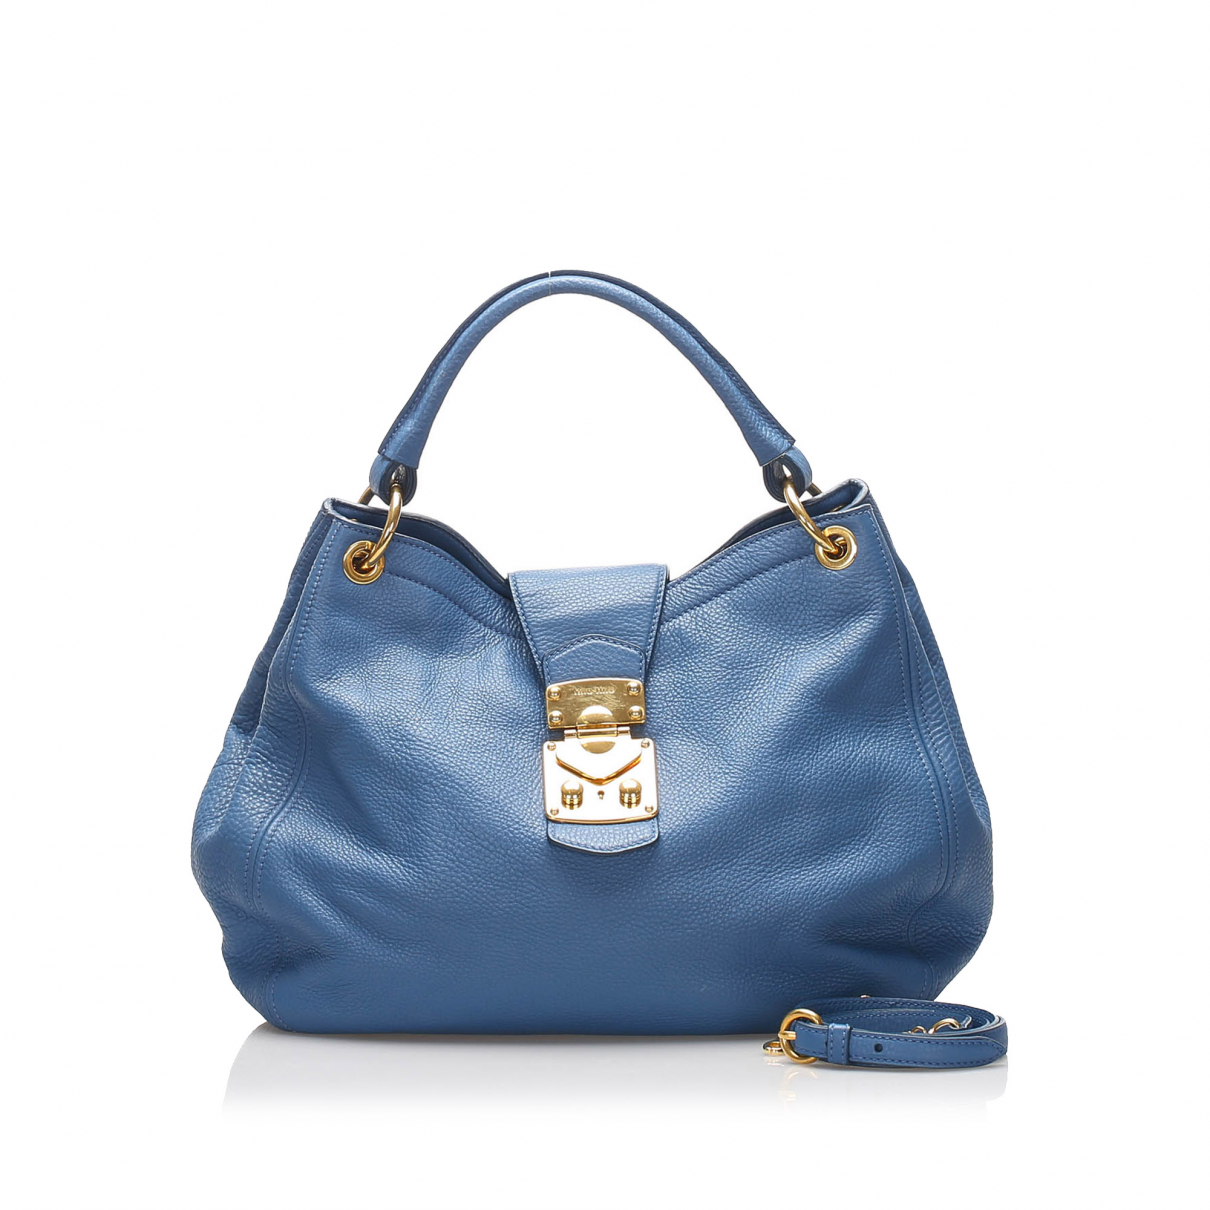 Miu Miu \N Handtasche in  Blau Leder